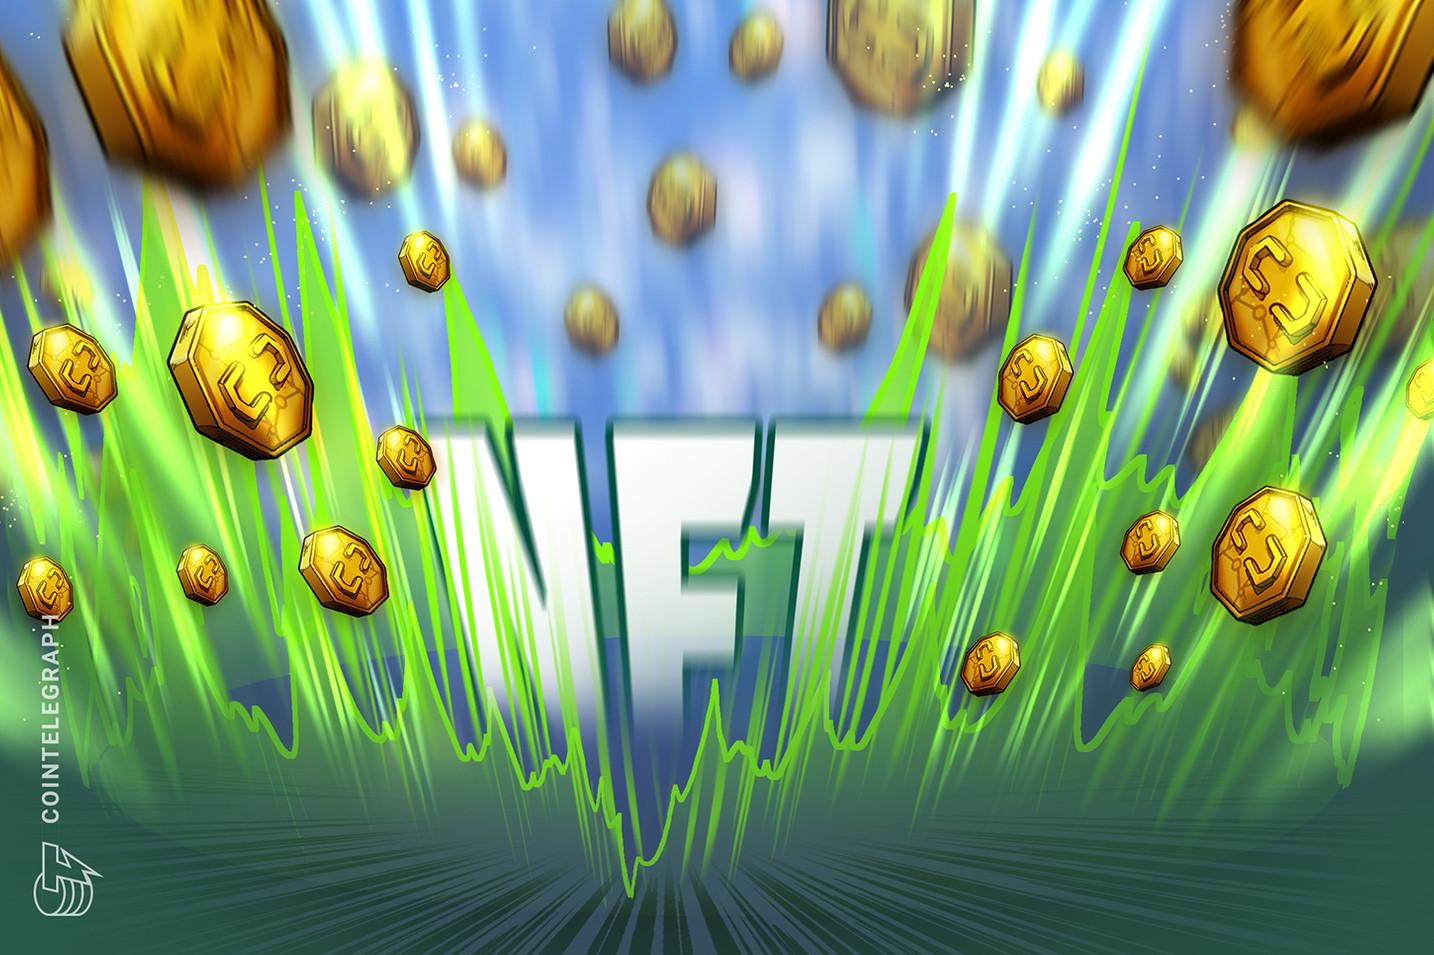 El aumento de los terrenos digitales y las ventas de NFT empujan el precio de Axie Infinity (AXS) a nuevos máximos